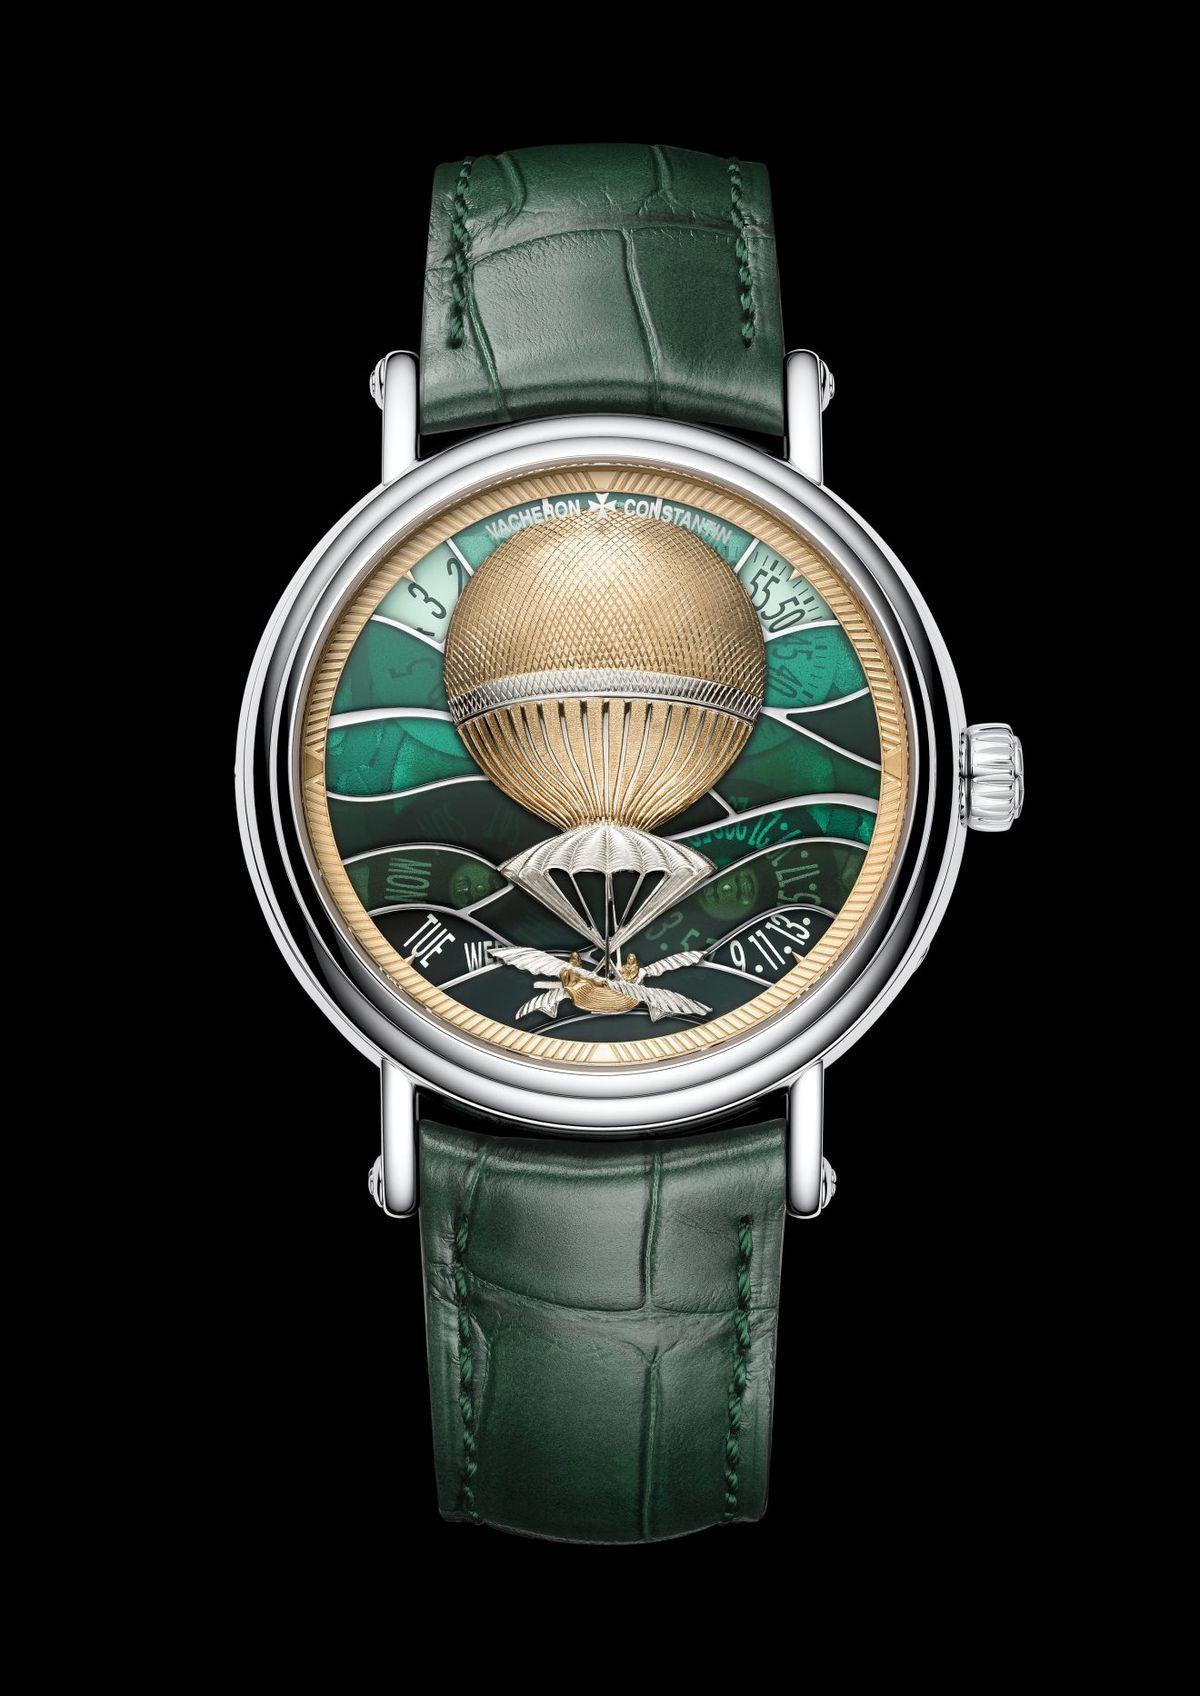 ef8e80cf827 Pin de Levi Castro em Relógios Vacheron Constantin em 2019 ...